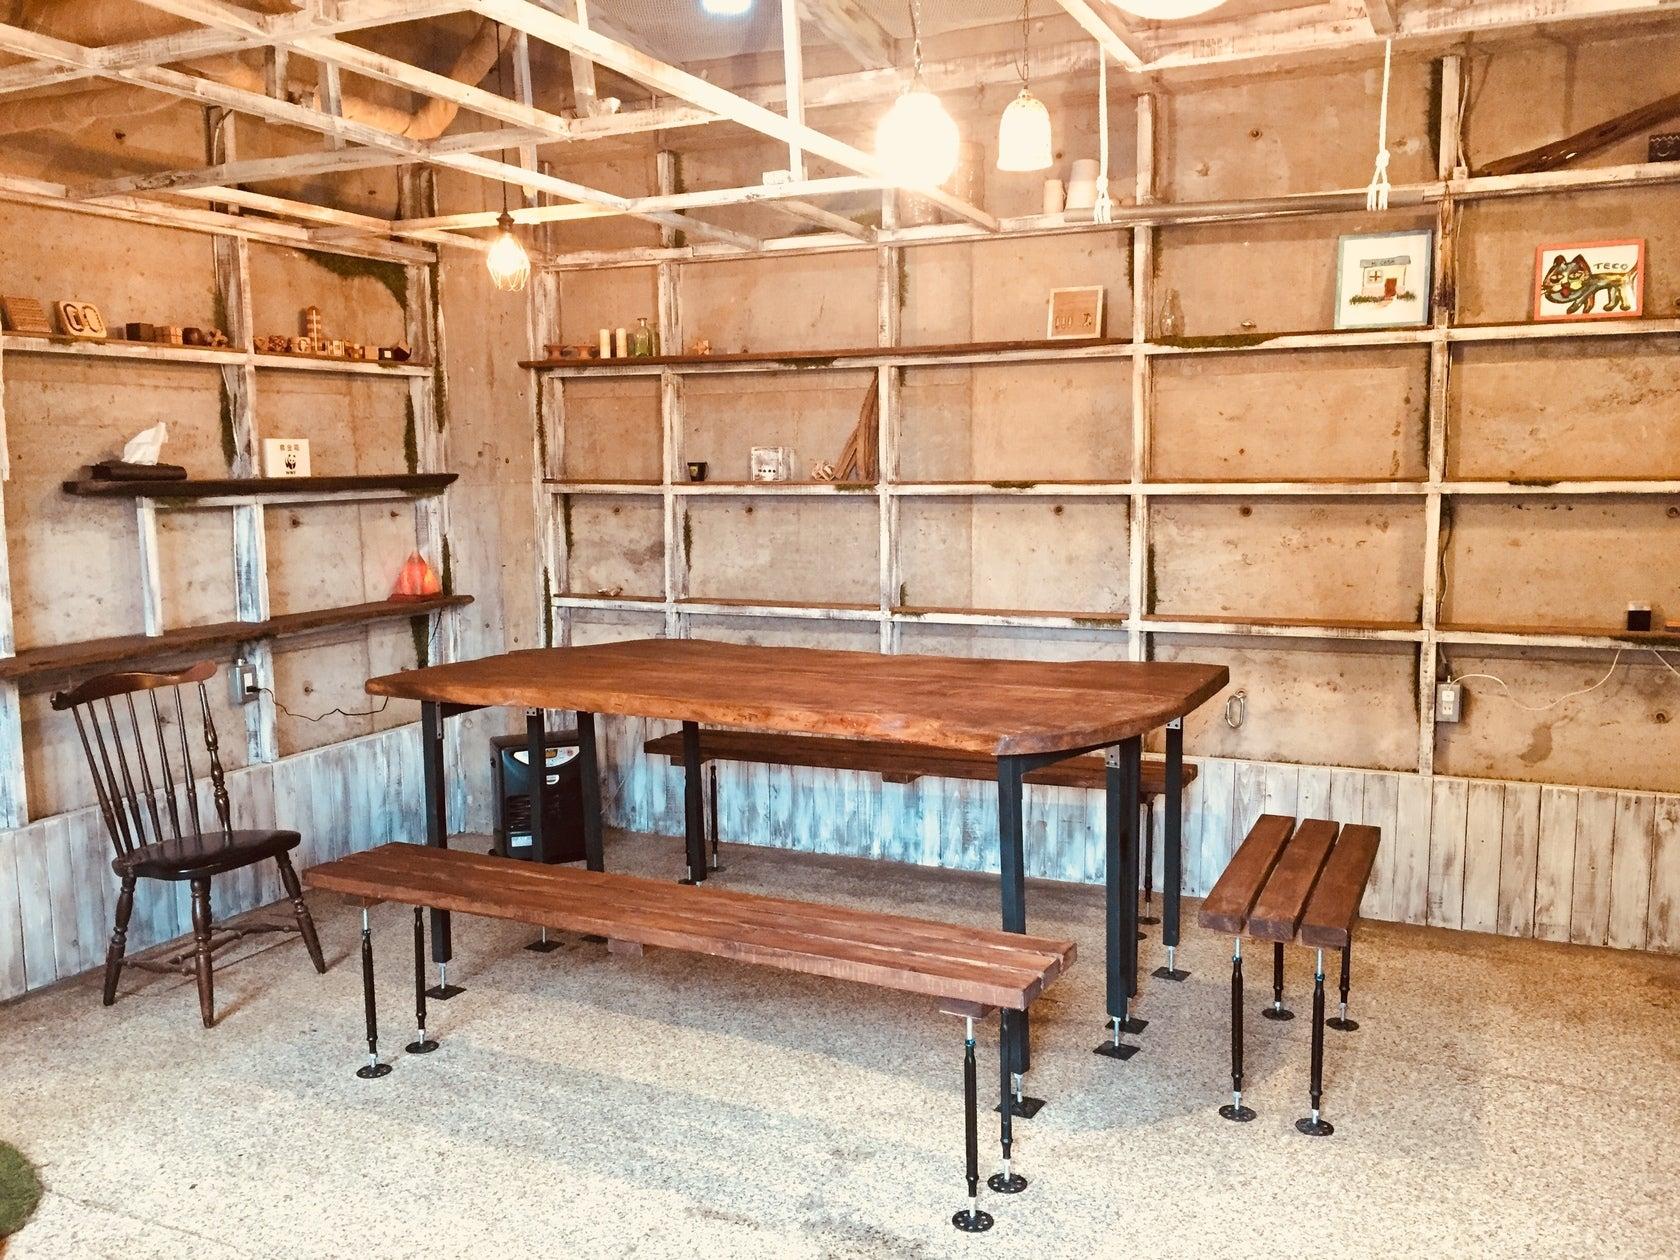 ポップアップショップやワークショップの開催、作品の展示、DIY作業のスペースなど、自由にお使いいただけます。